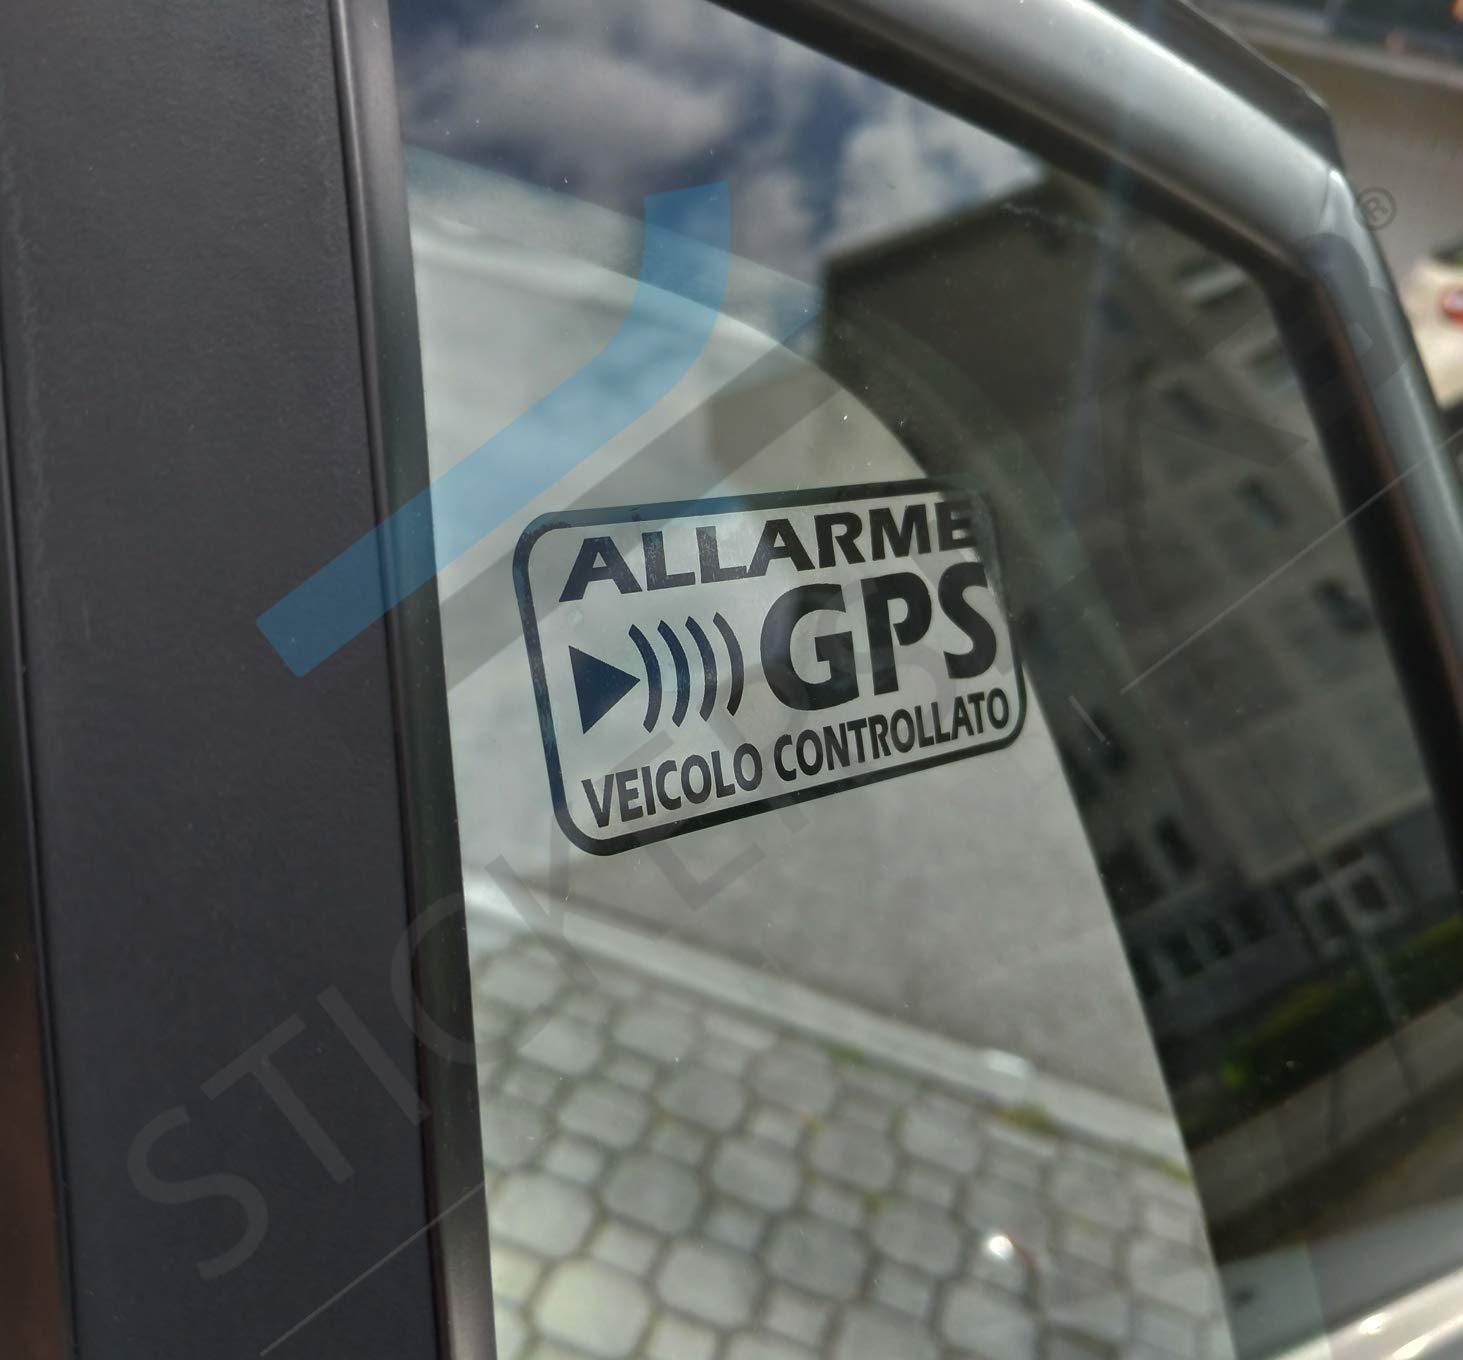 12x6cm Adesivi Allarme GPS antifurto satellitare per Evitare i furti Auto Moto Camion Nero Quantit/à - 4 Pezzi StickersLab